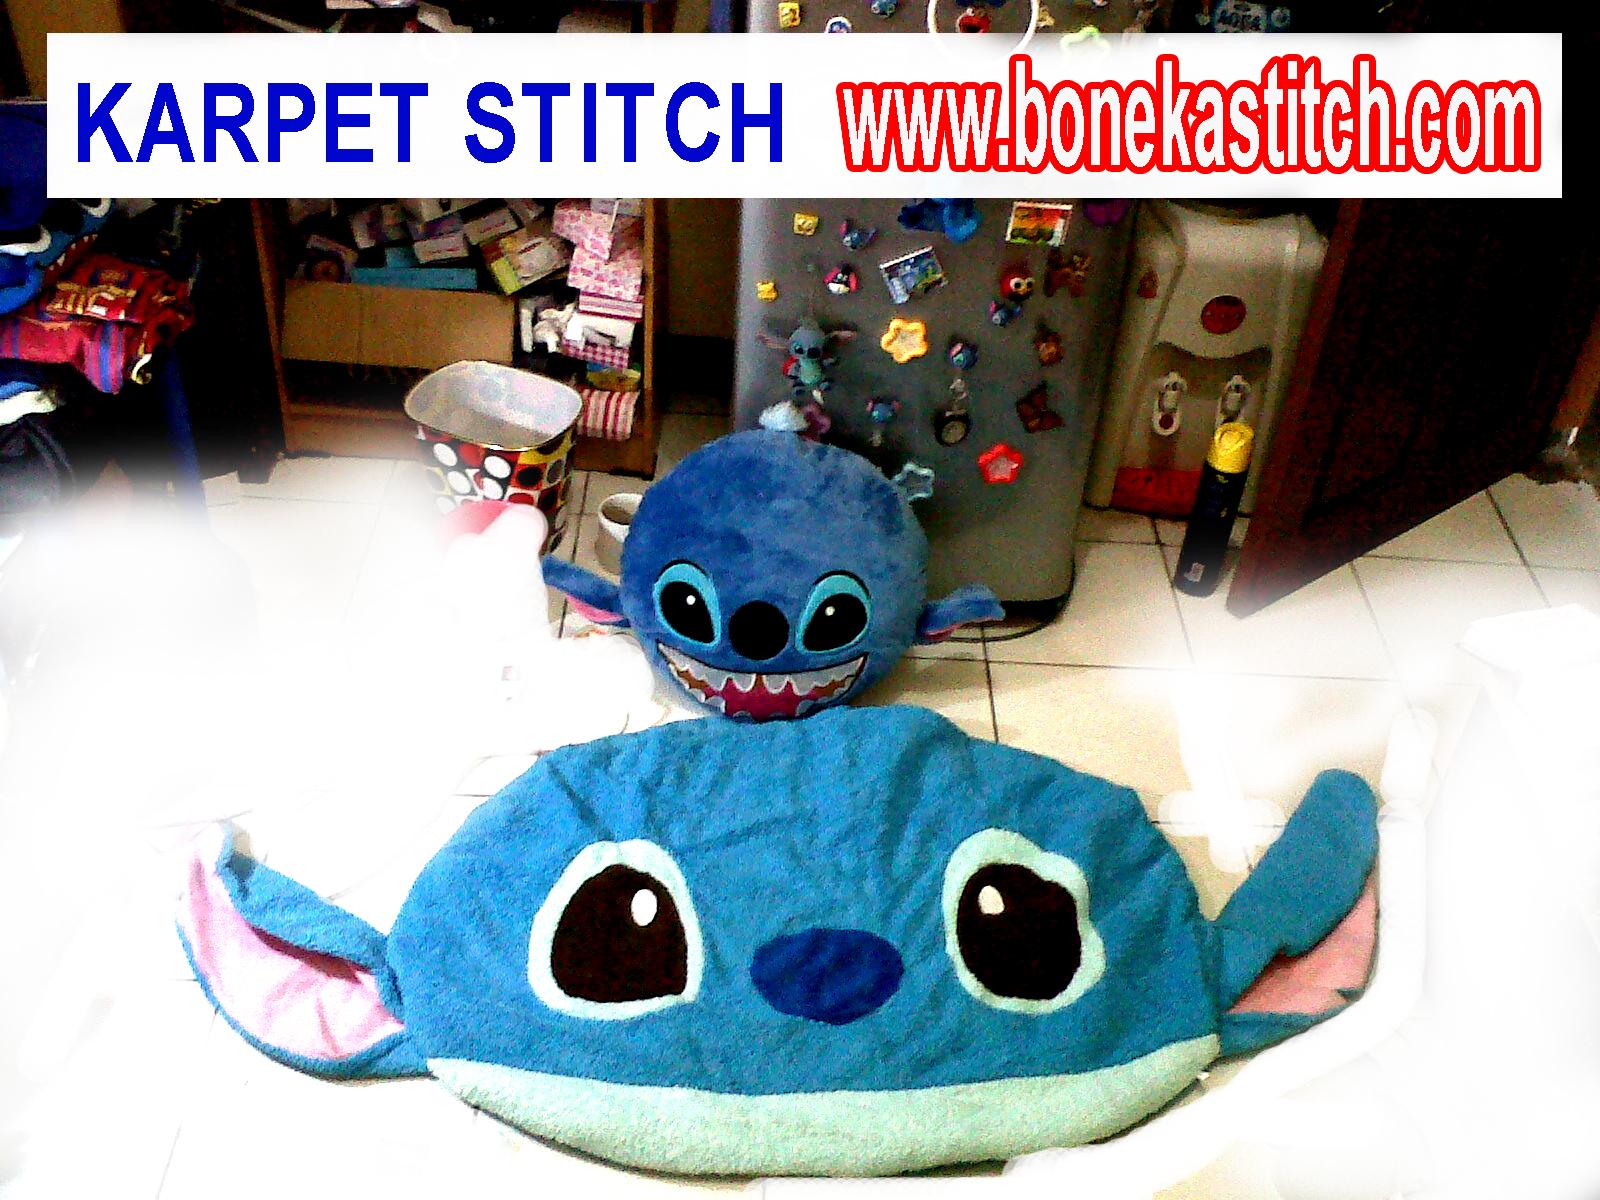 http://3.bp.blogspot.com/-kXSvXyhy-xE/UVpwJg57ccI/AAAAAAAAJUs/0thfB0GAH_I/s1600/karpet+stitch.jpg